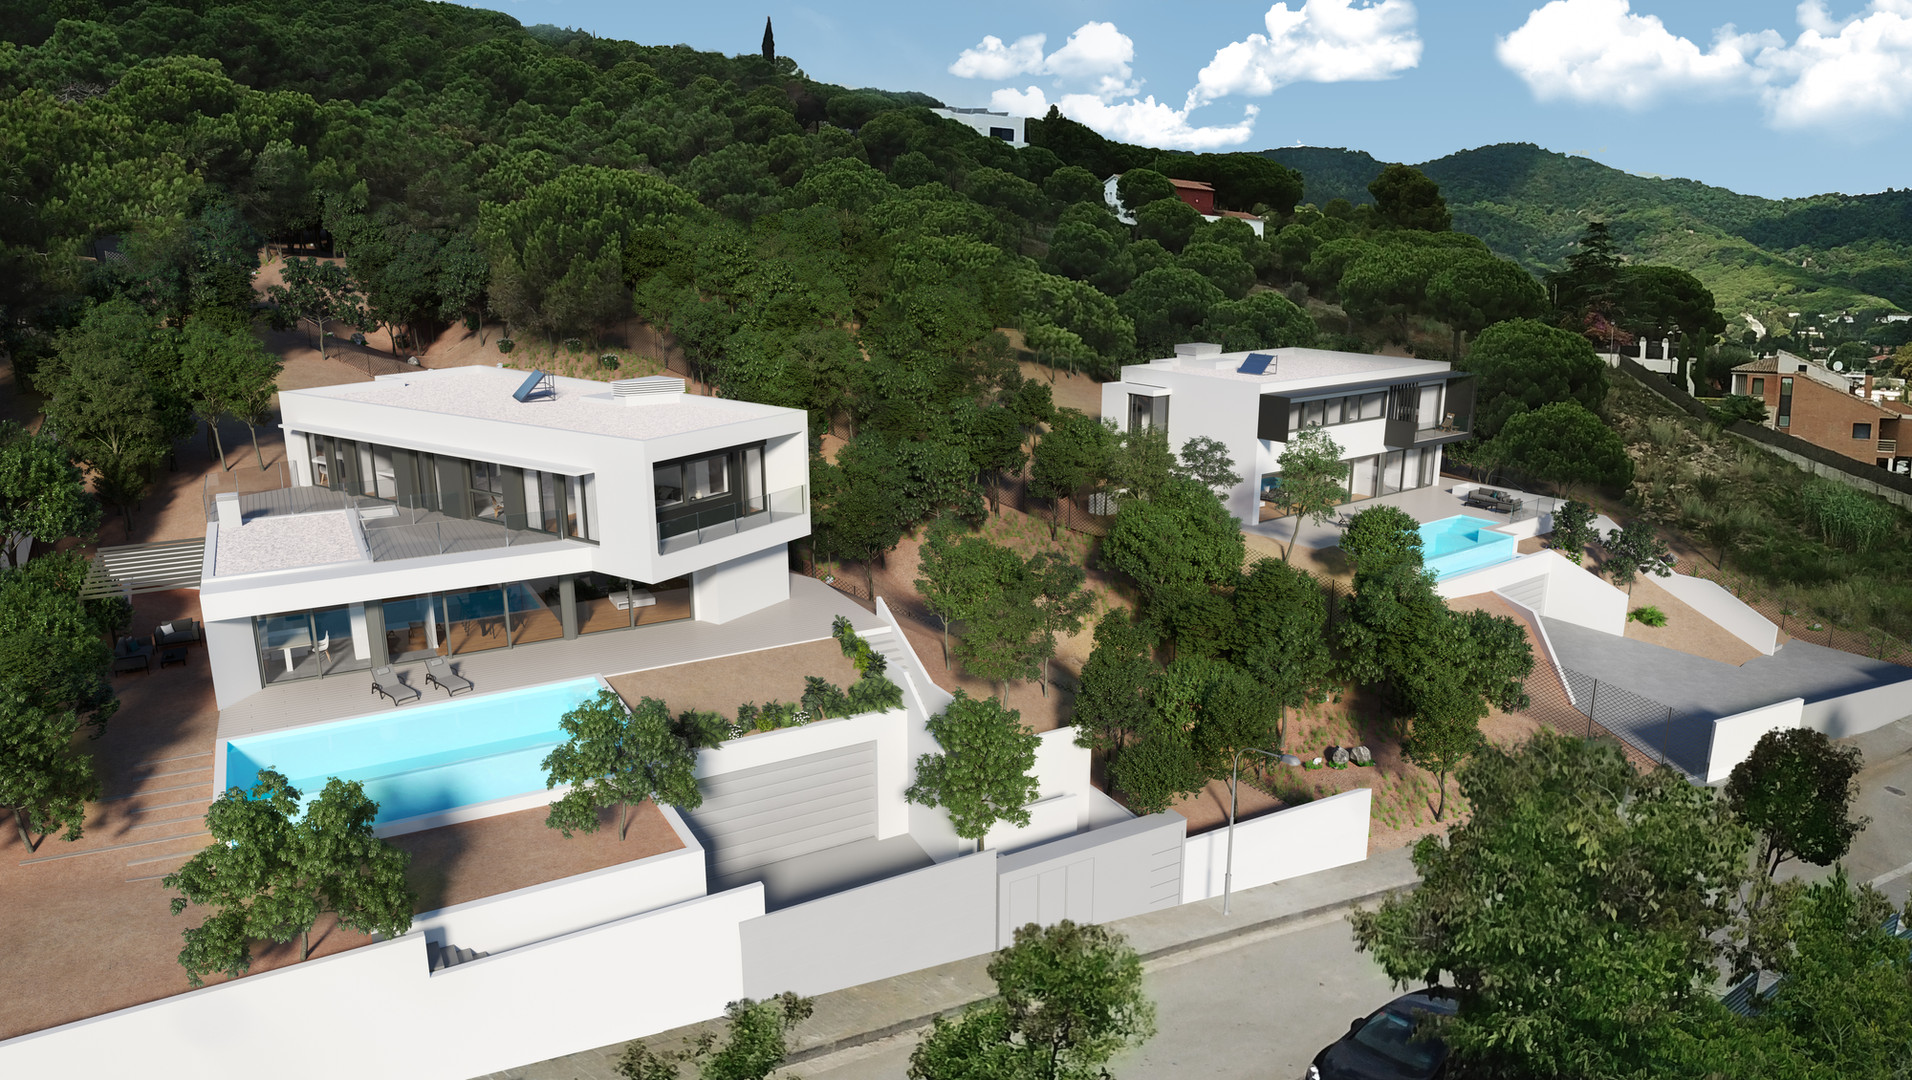 Conjunto-viviendas-exterior_Final-48_edi